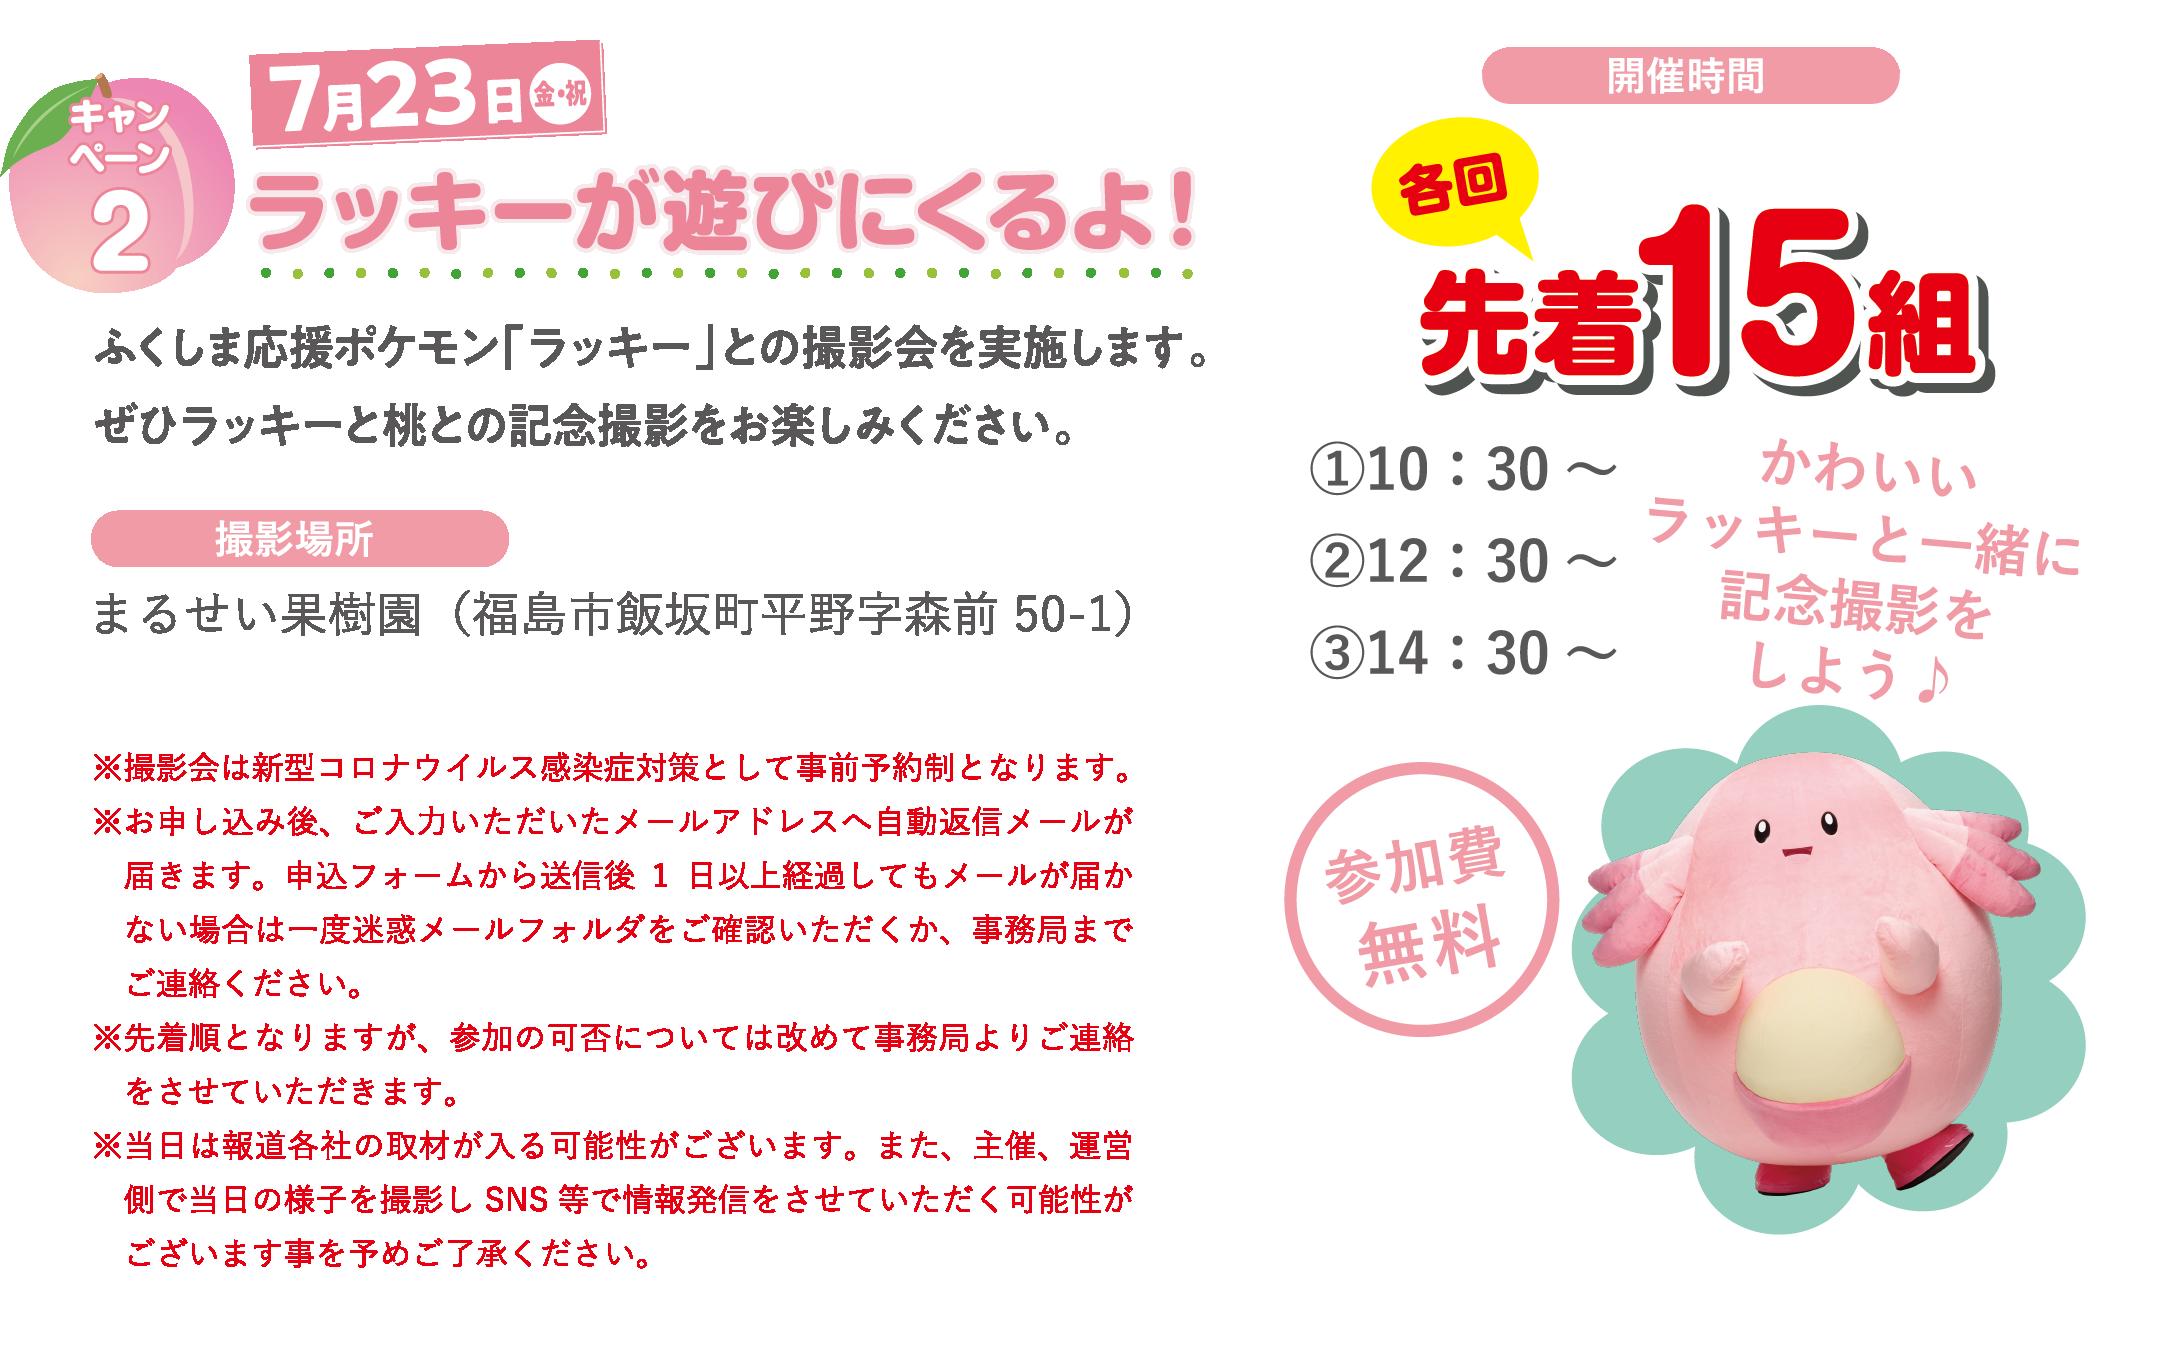 キャンペーン2 7月23日(金・祝) ラッキーが遊びにくるよ!